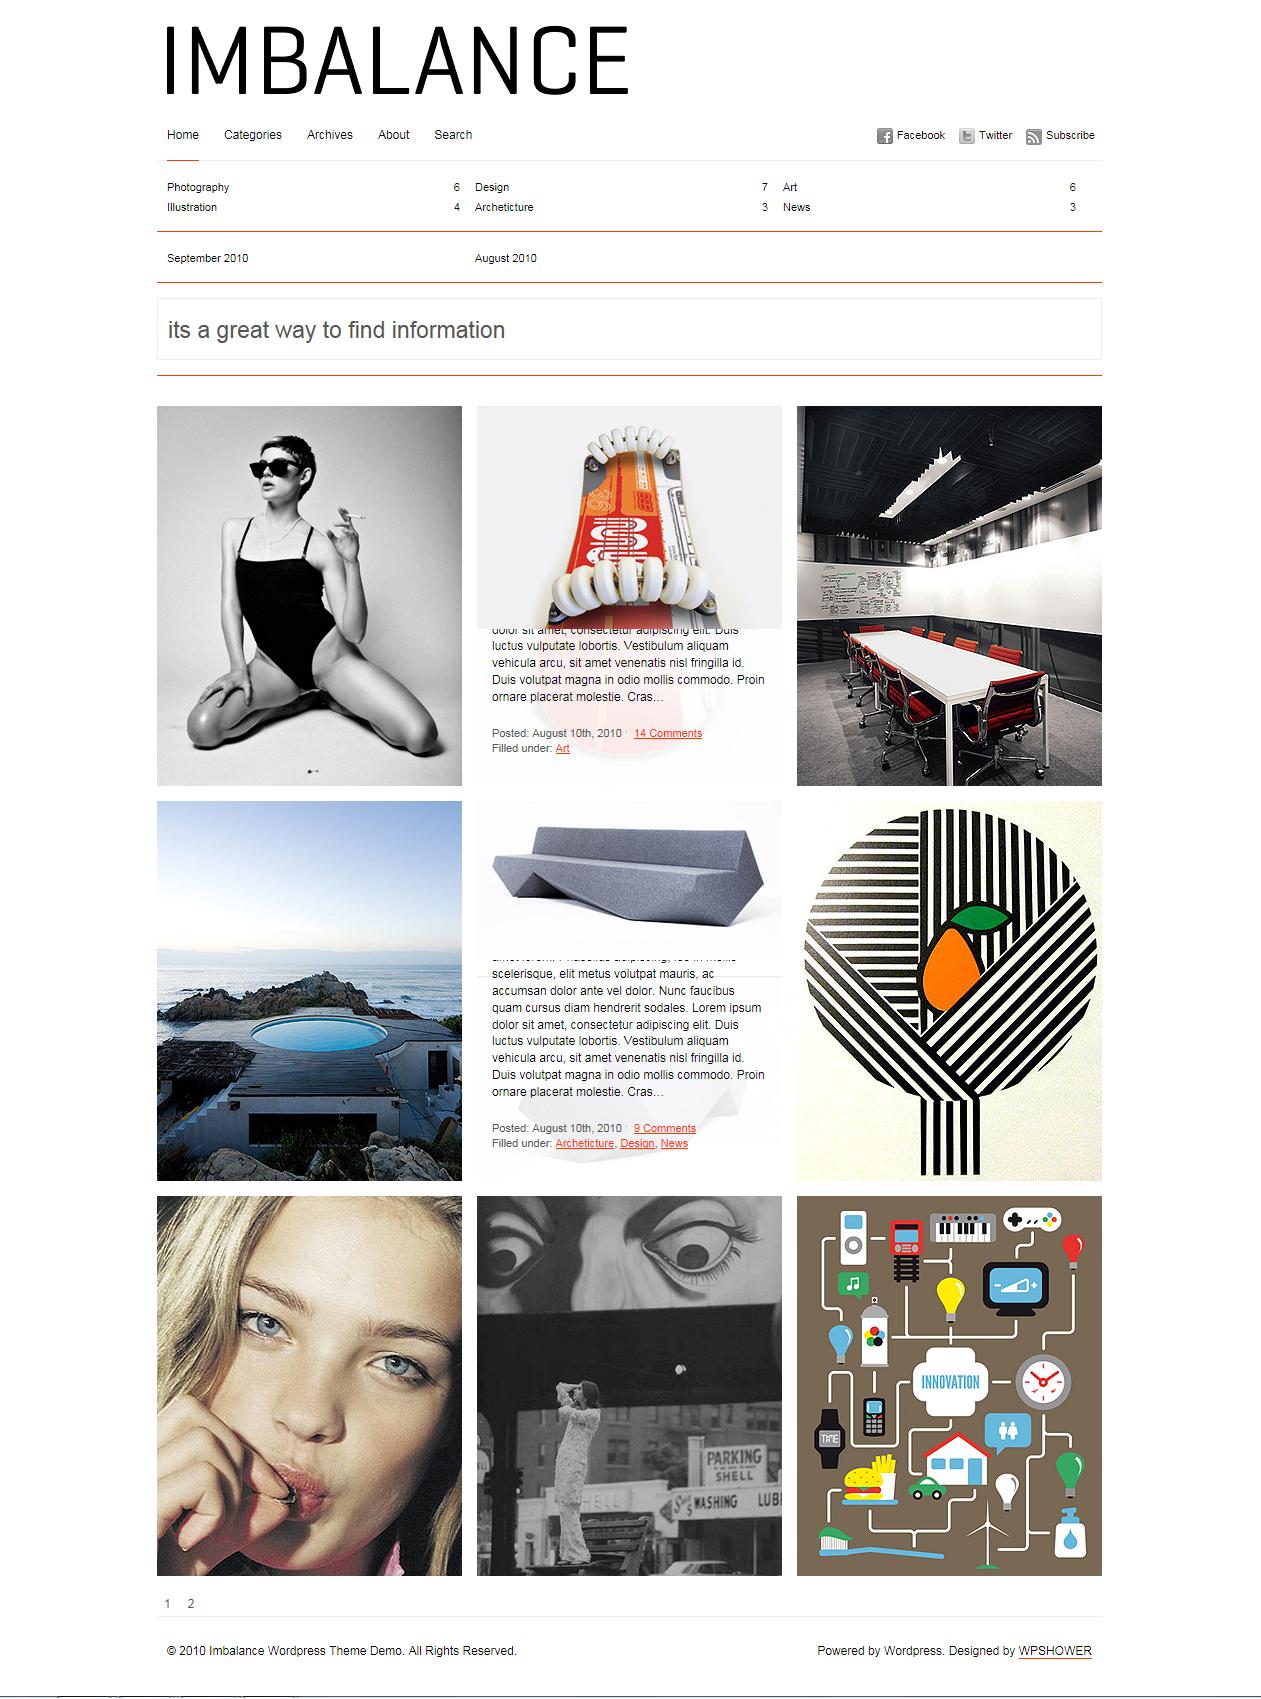 Imbalance - великолепная минималистичная тема для организации фотоблога или портфолио